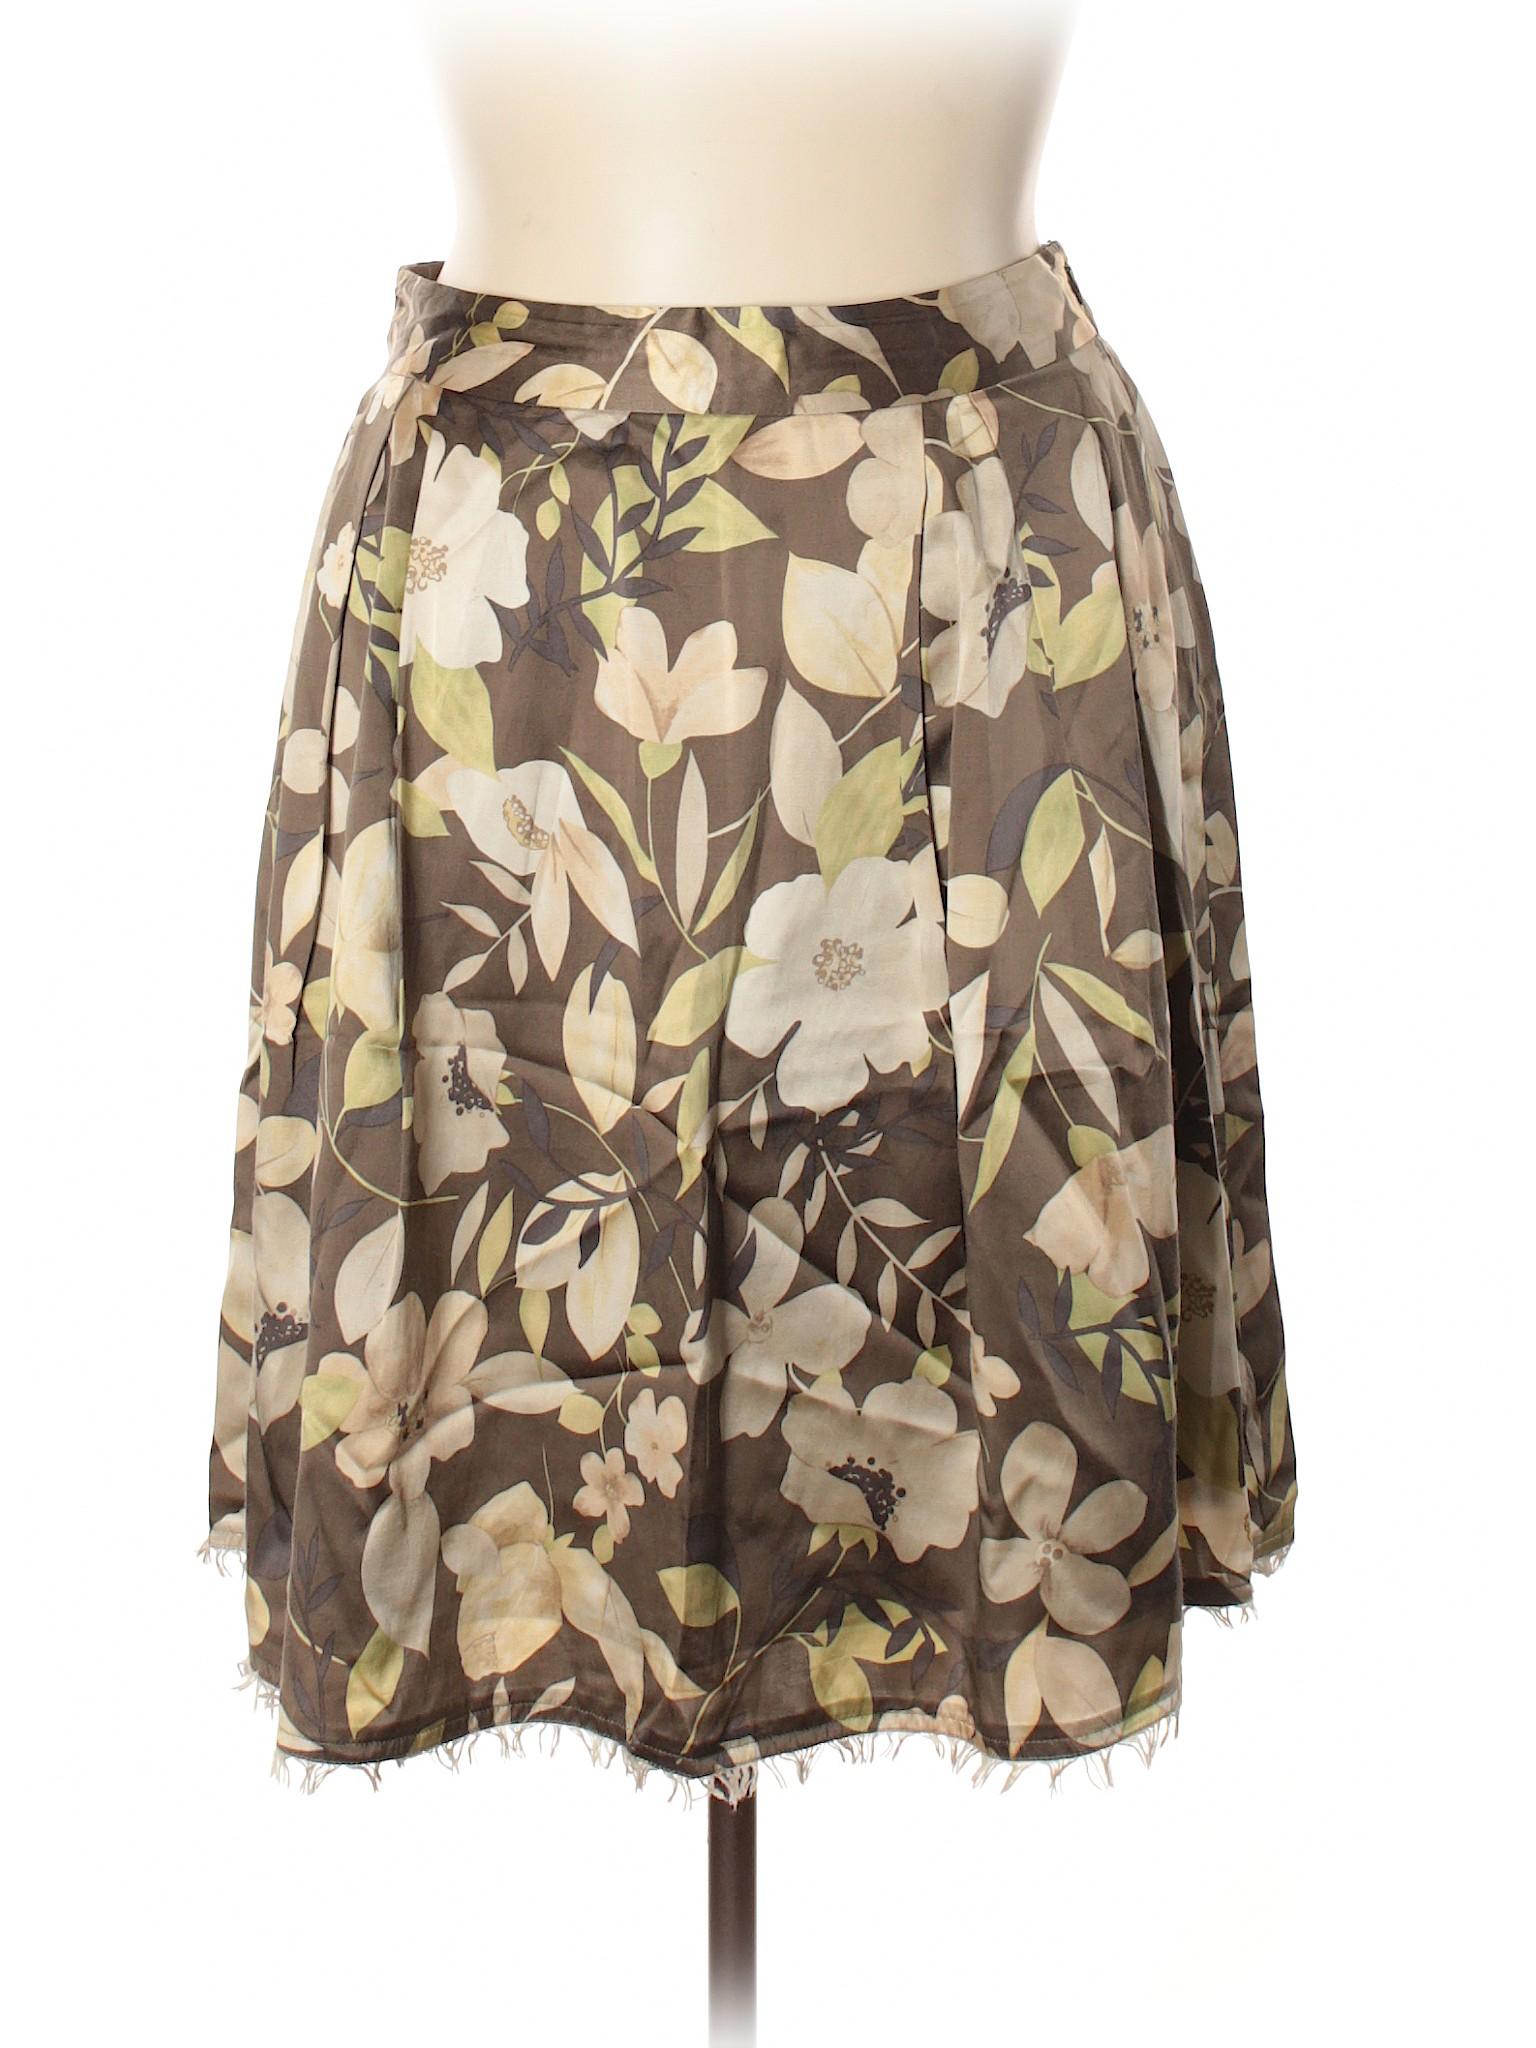 Boutique Silk Skirt Boutique Boutique Silk Skirt Boutique Boutique Silk Silk Boutique Skirt Silk Skirt Silk Skirt FqArwPF